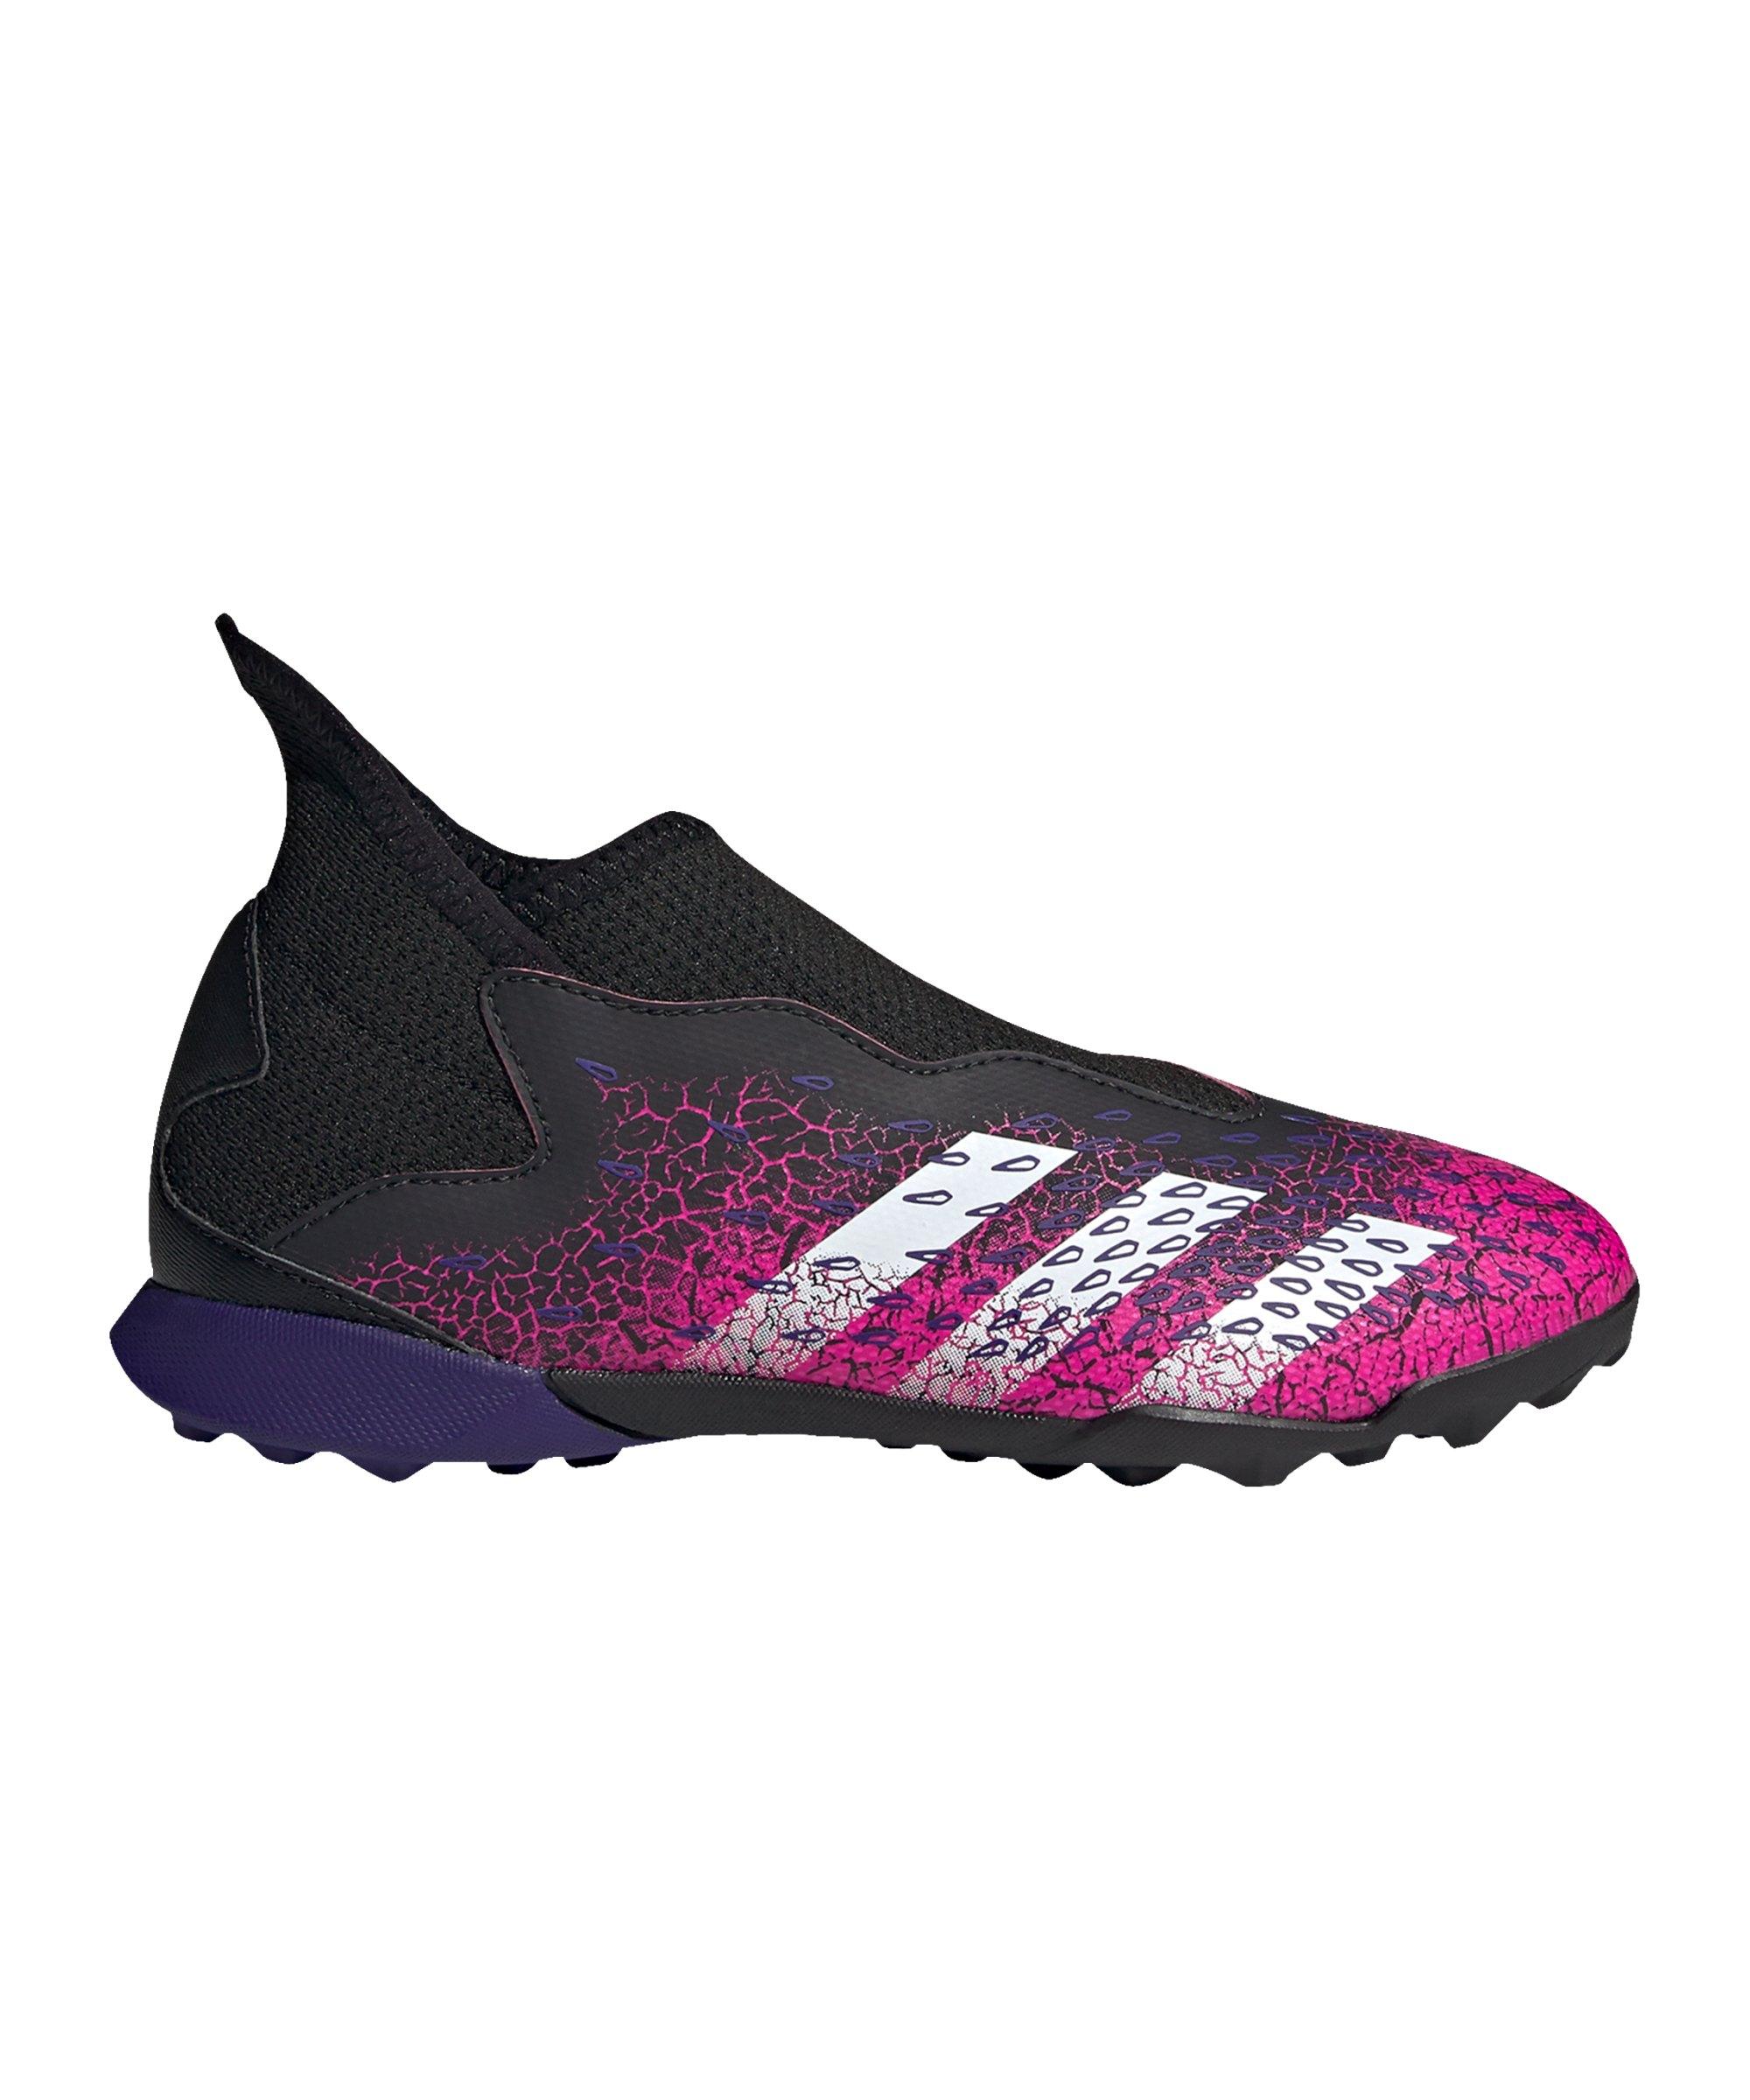 adidas Predator FREAK.3 LL TF Superspectral J Kids Schwarz Pink - schwarz